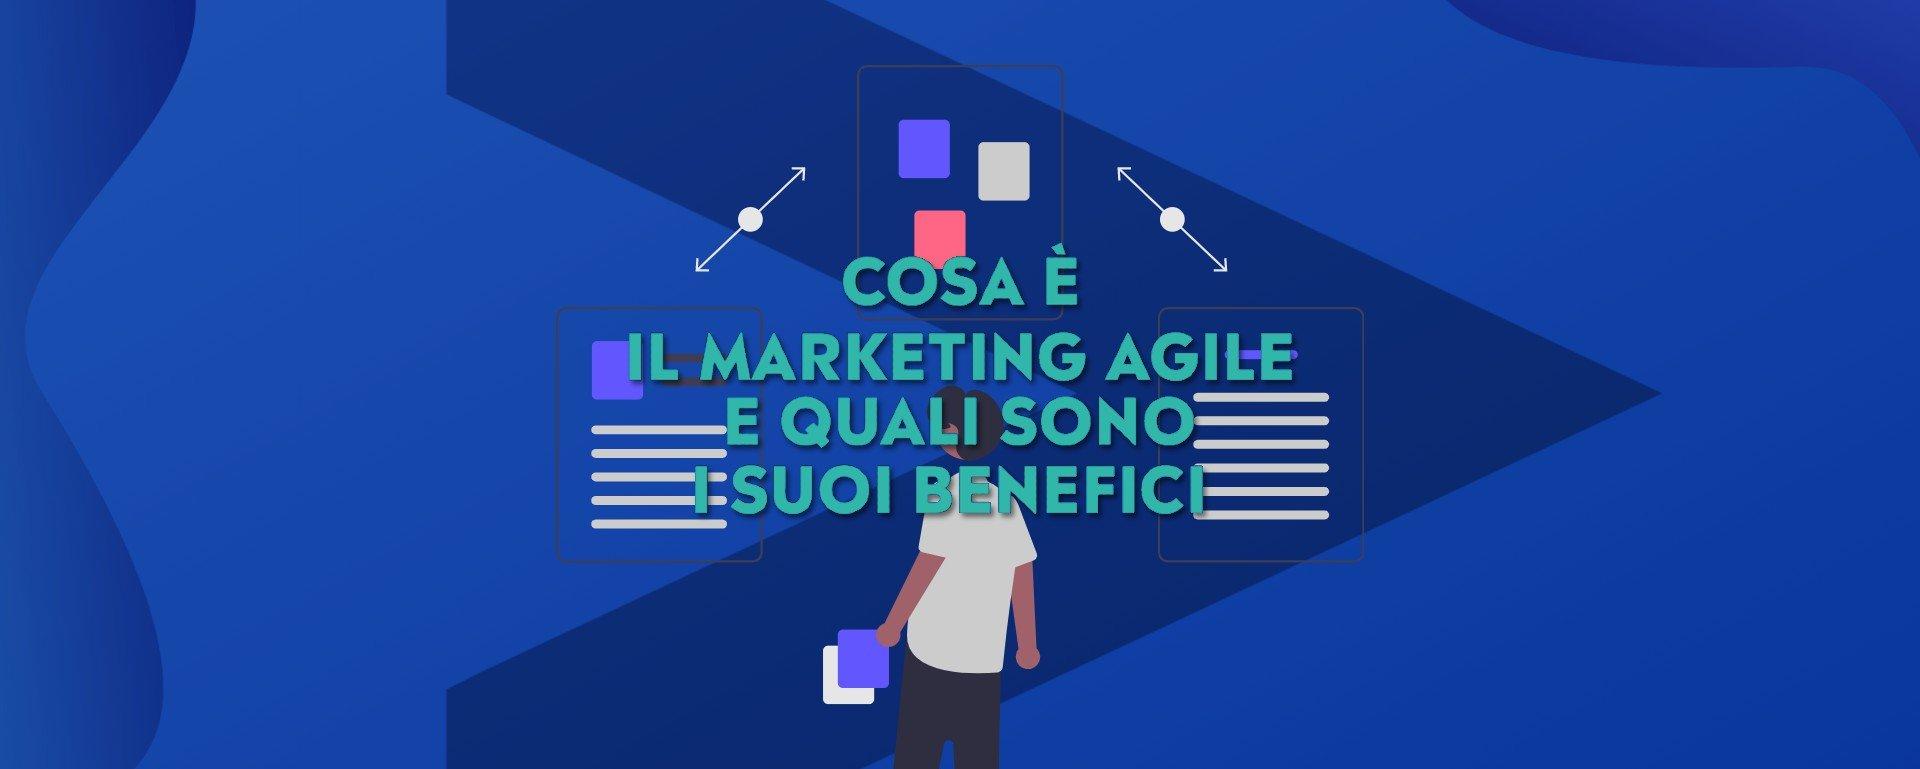 Agile marketing: cos'è e quali sono i benefici